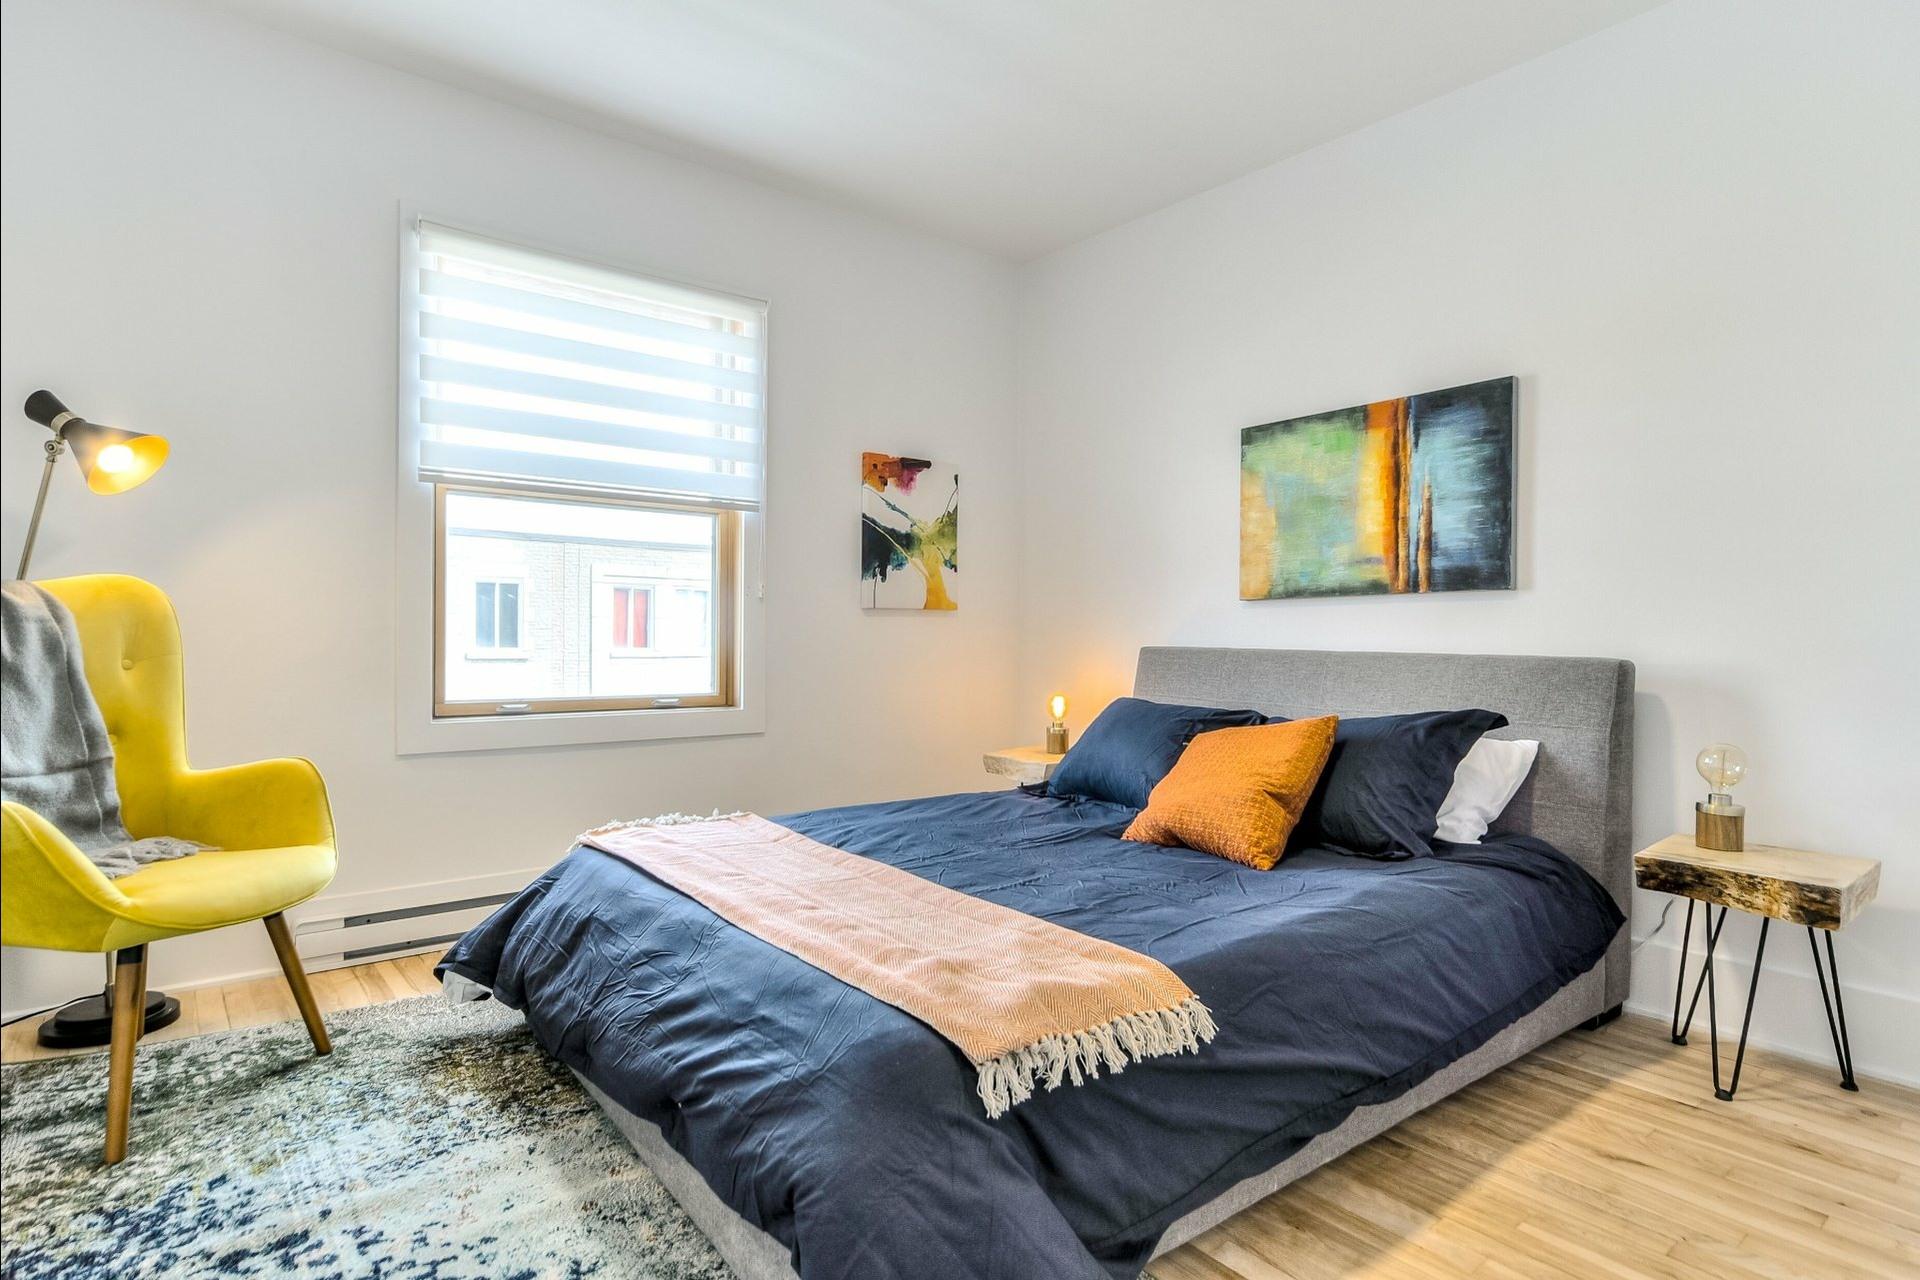 image 5 - Immeuble à revenus À vendre Montréal Villeray/Saint-Michel/Parc-Extension  - 3 pièces